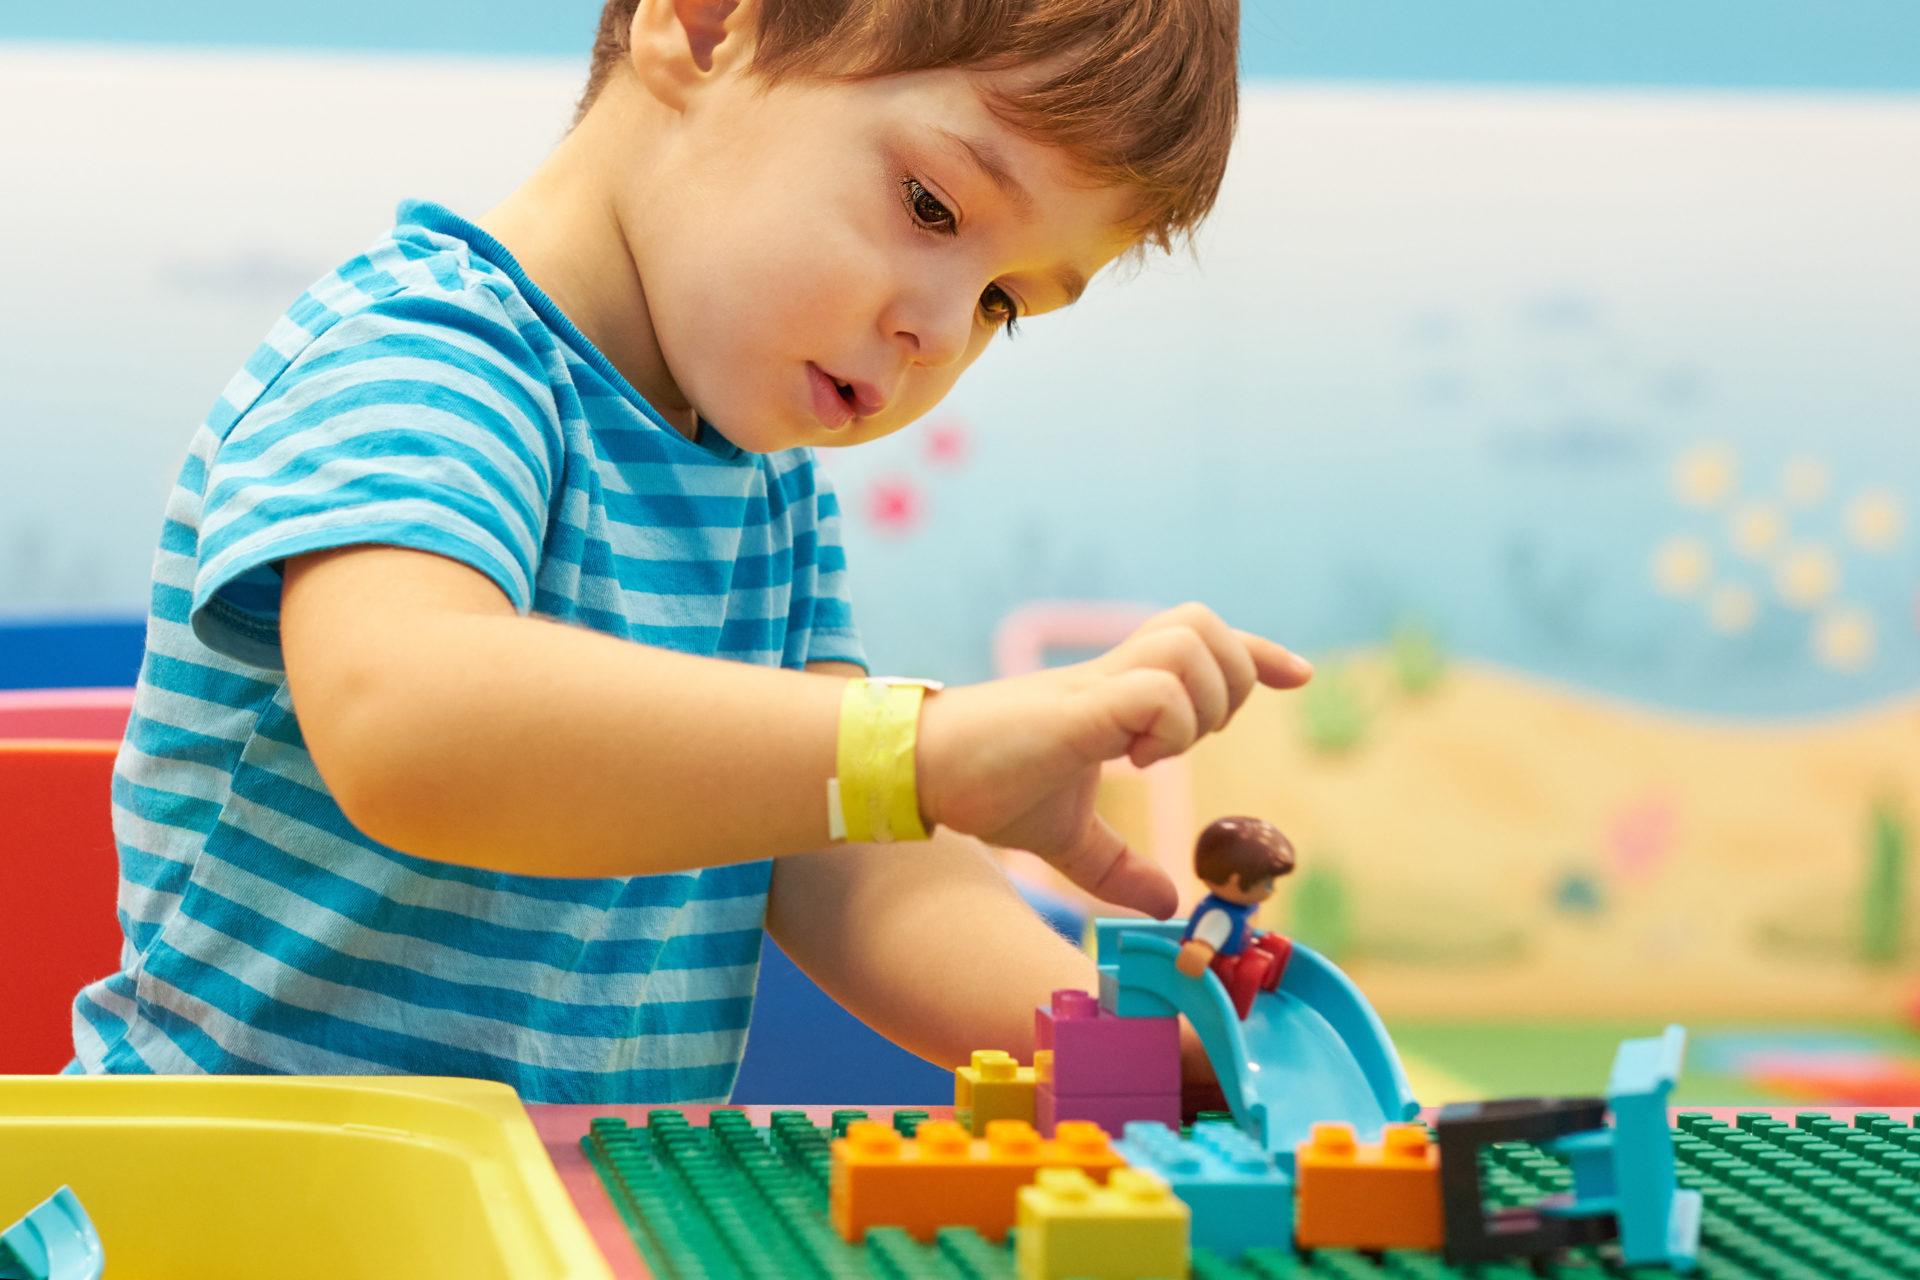 Jeu, Jouet Enfant - Jeu Enfant 2 Ans, 3 Ans, 4 Ans Et 5 Ans encequiconcerne Jeux Gratuit Pour Garçon De 5 Ans